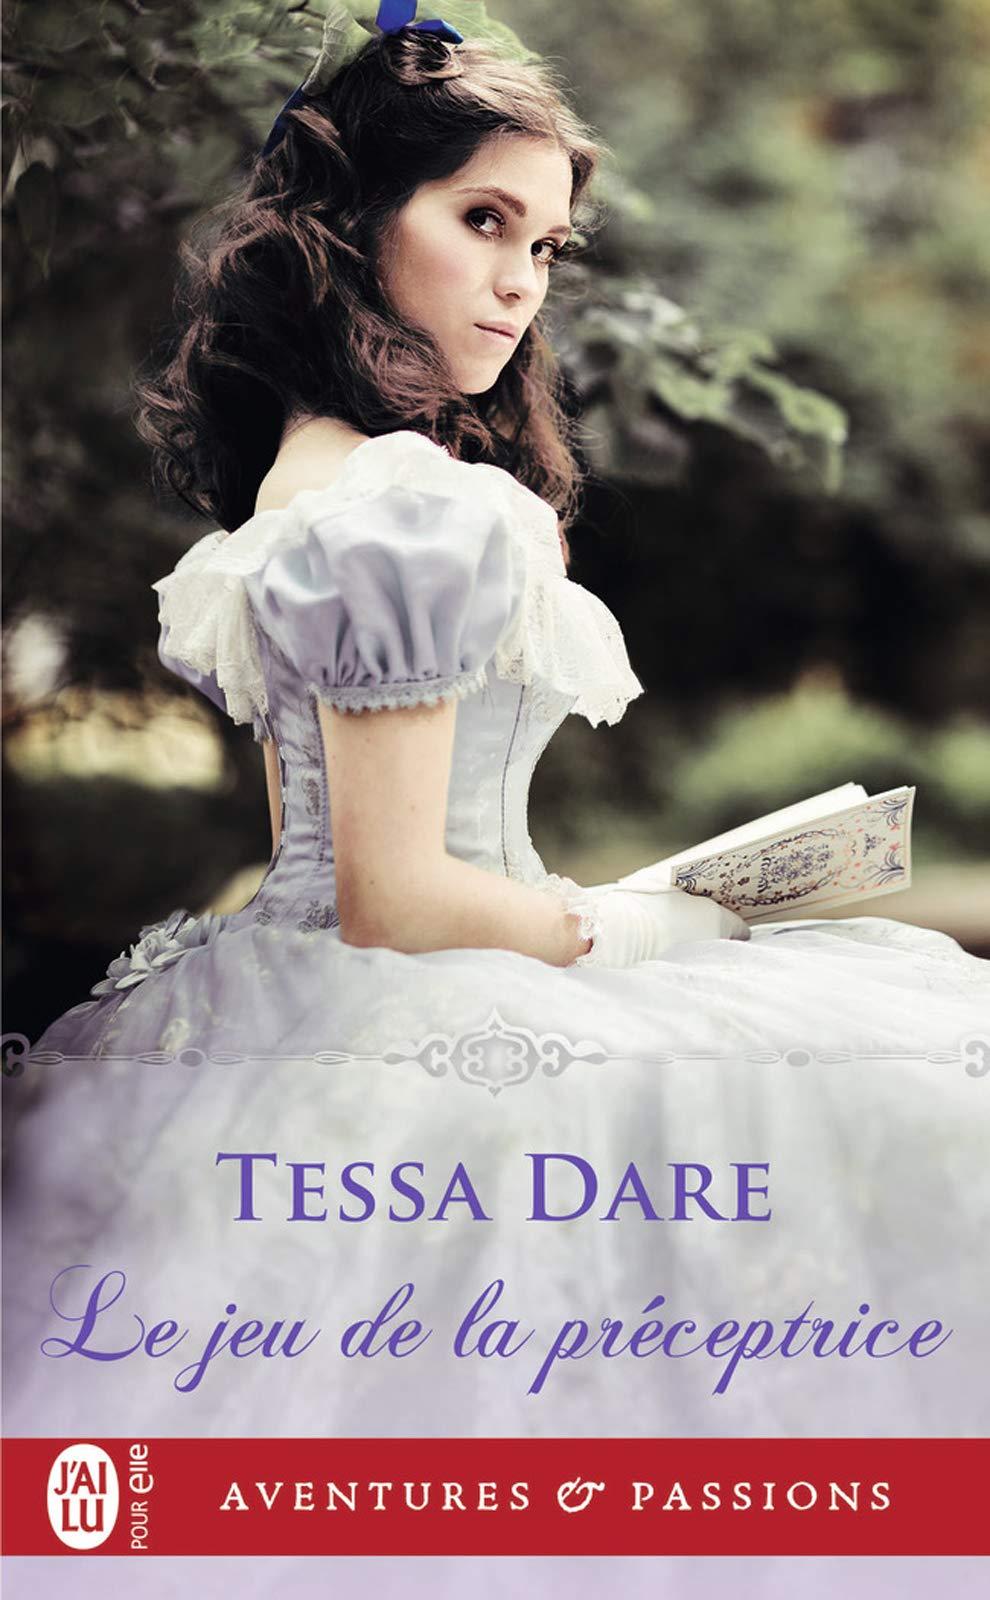 Le jeu de la préceptrice (J'ai lu Aventures & Passions) por Tessa Dare